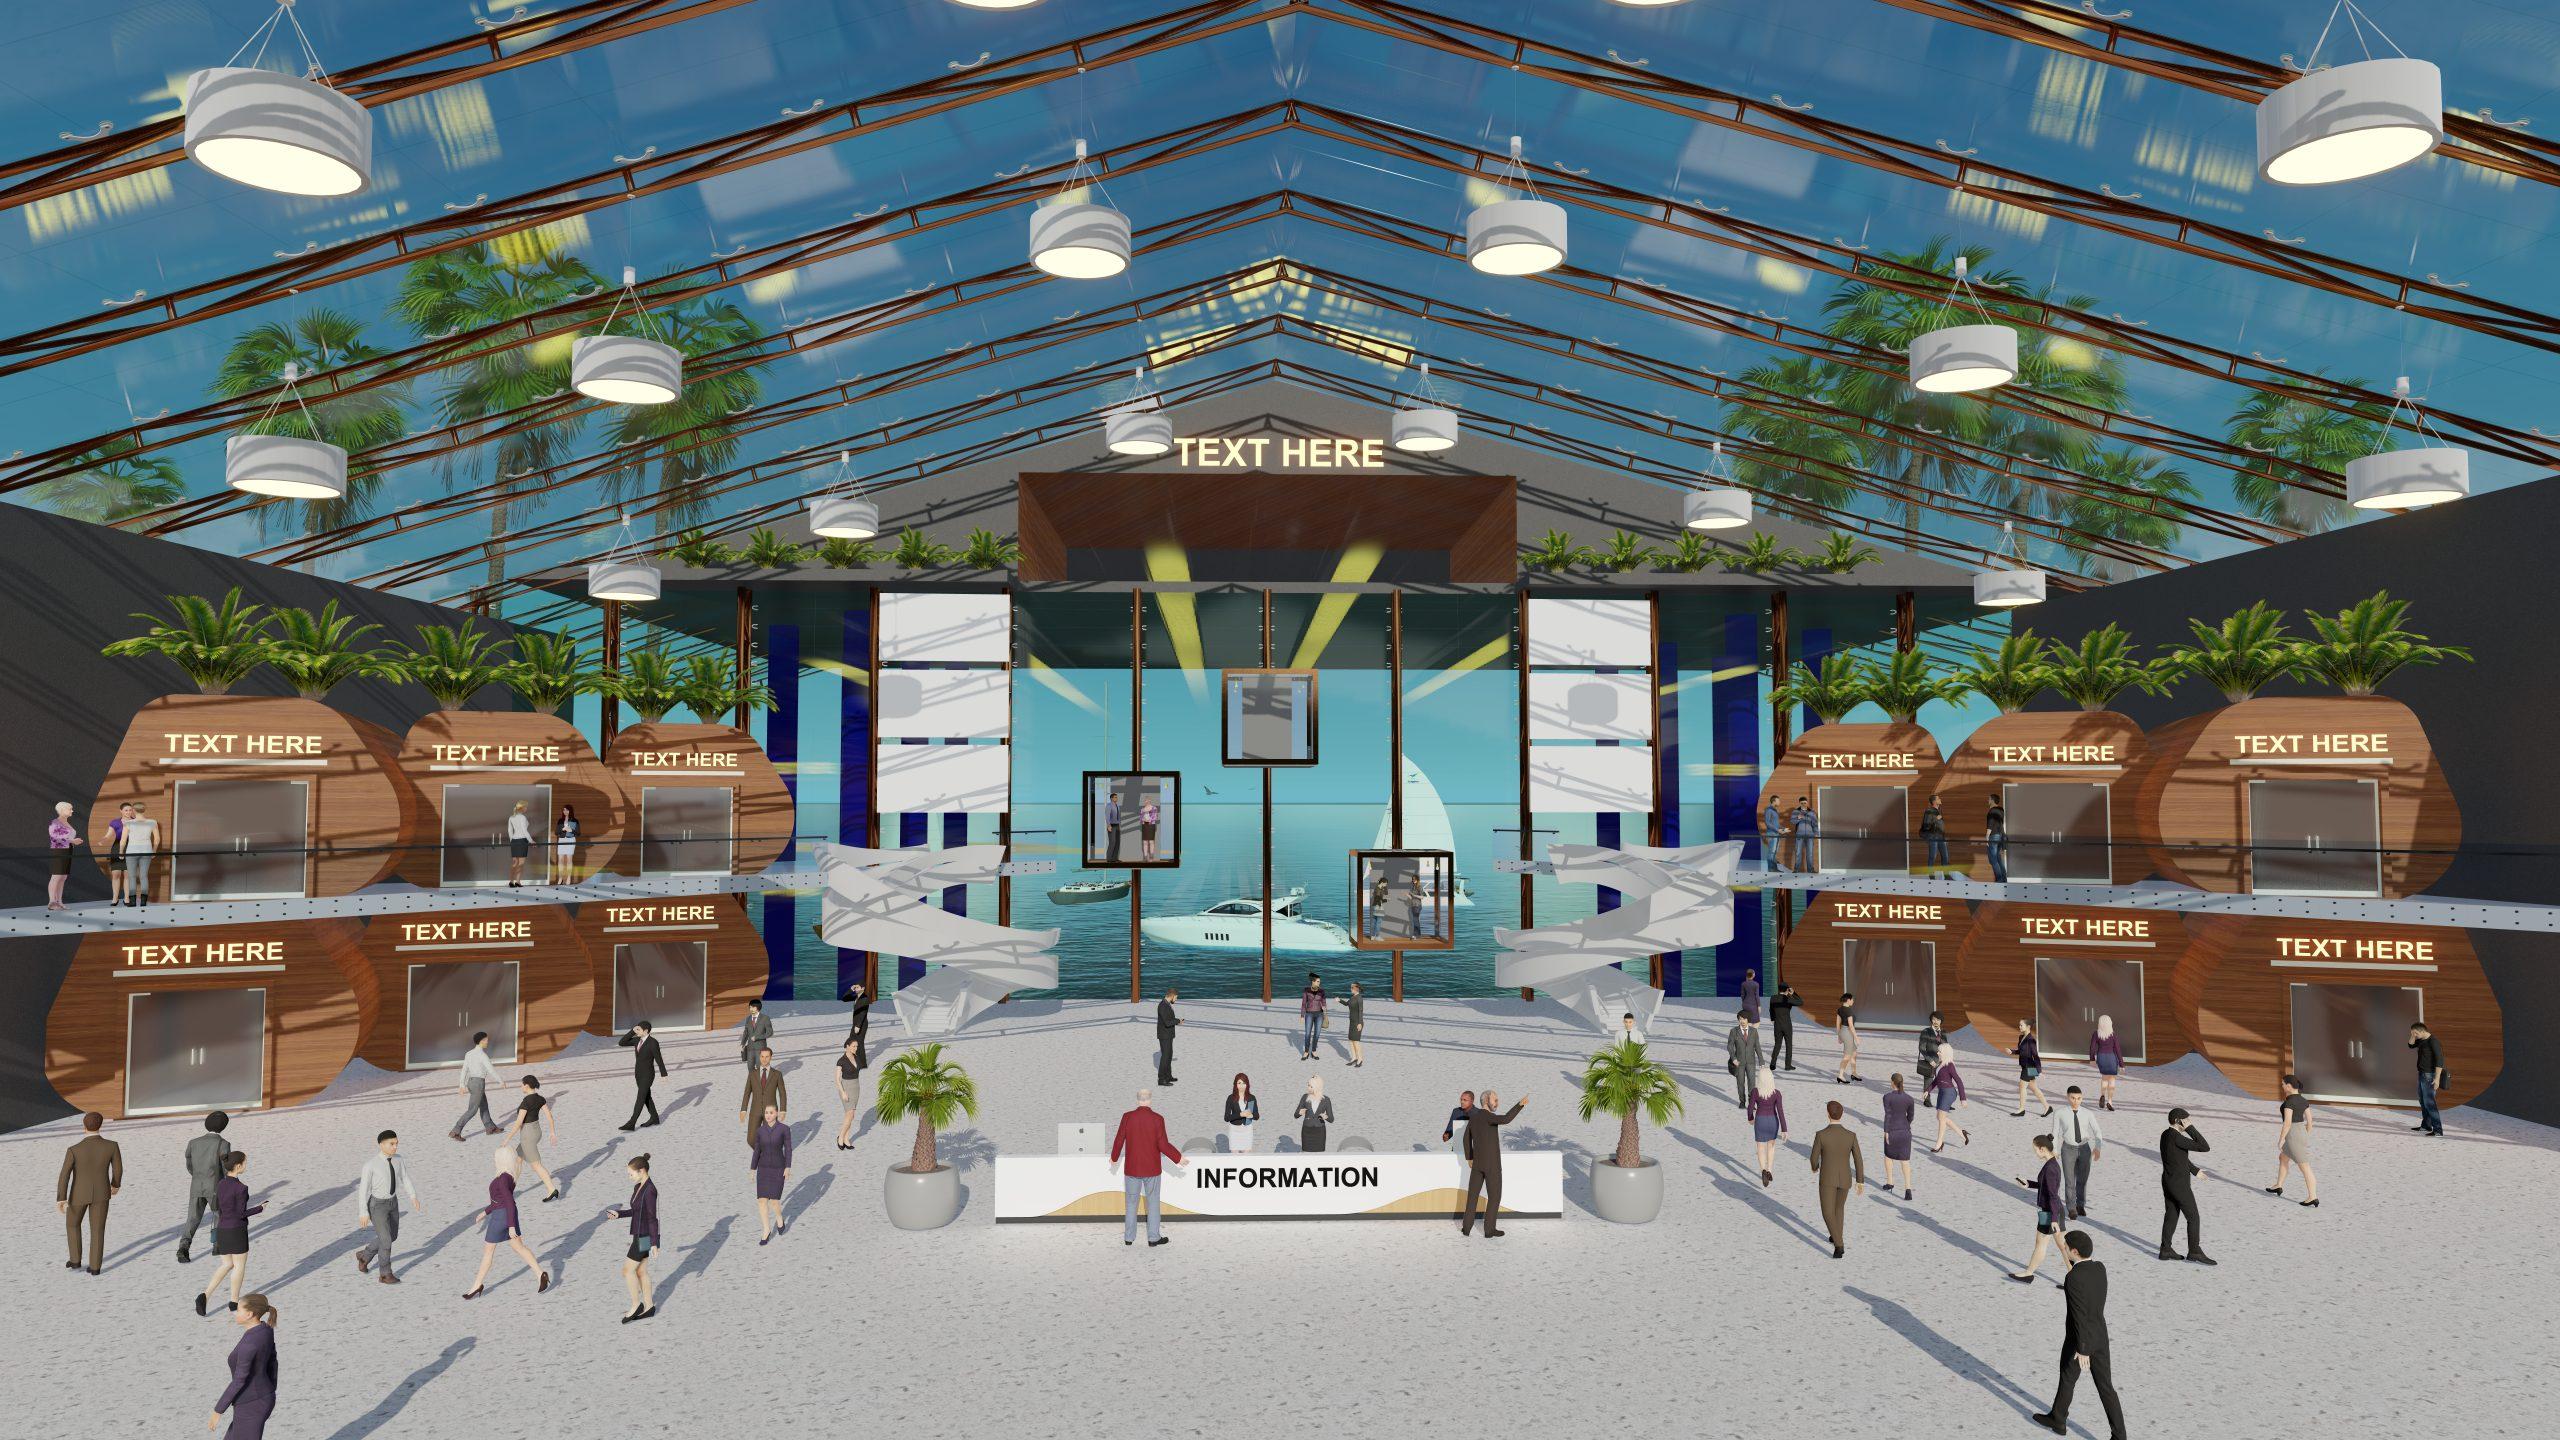 virtual-event-indoors-design